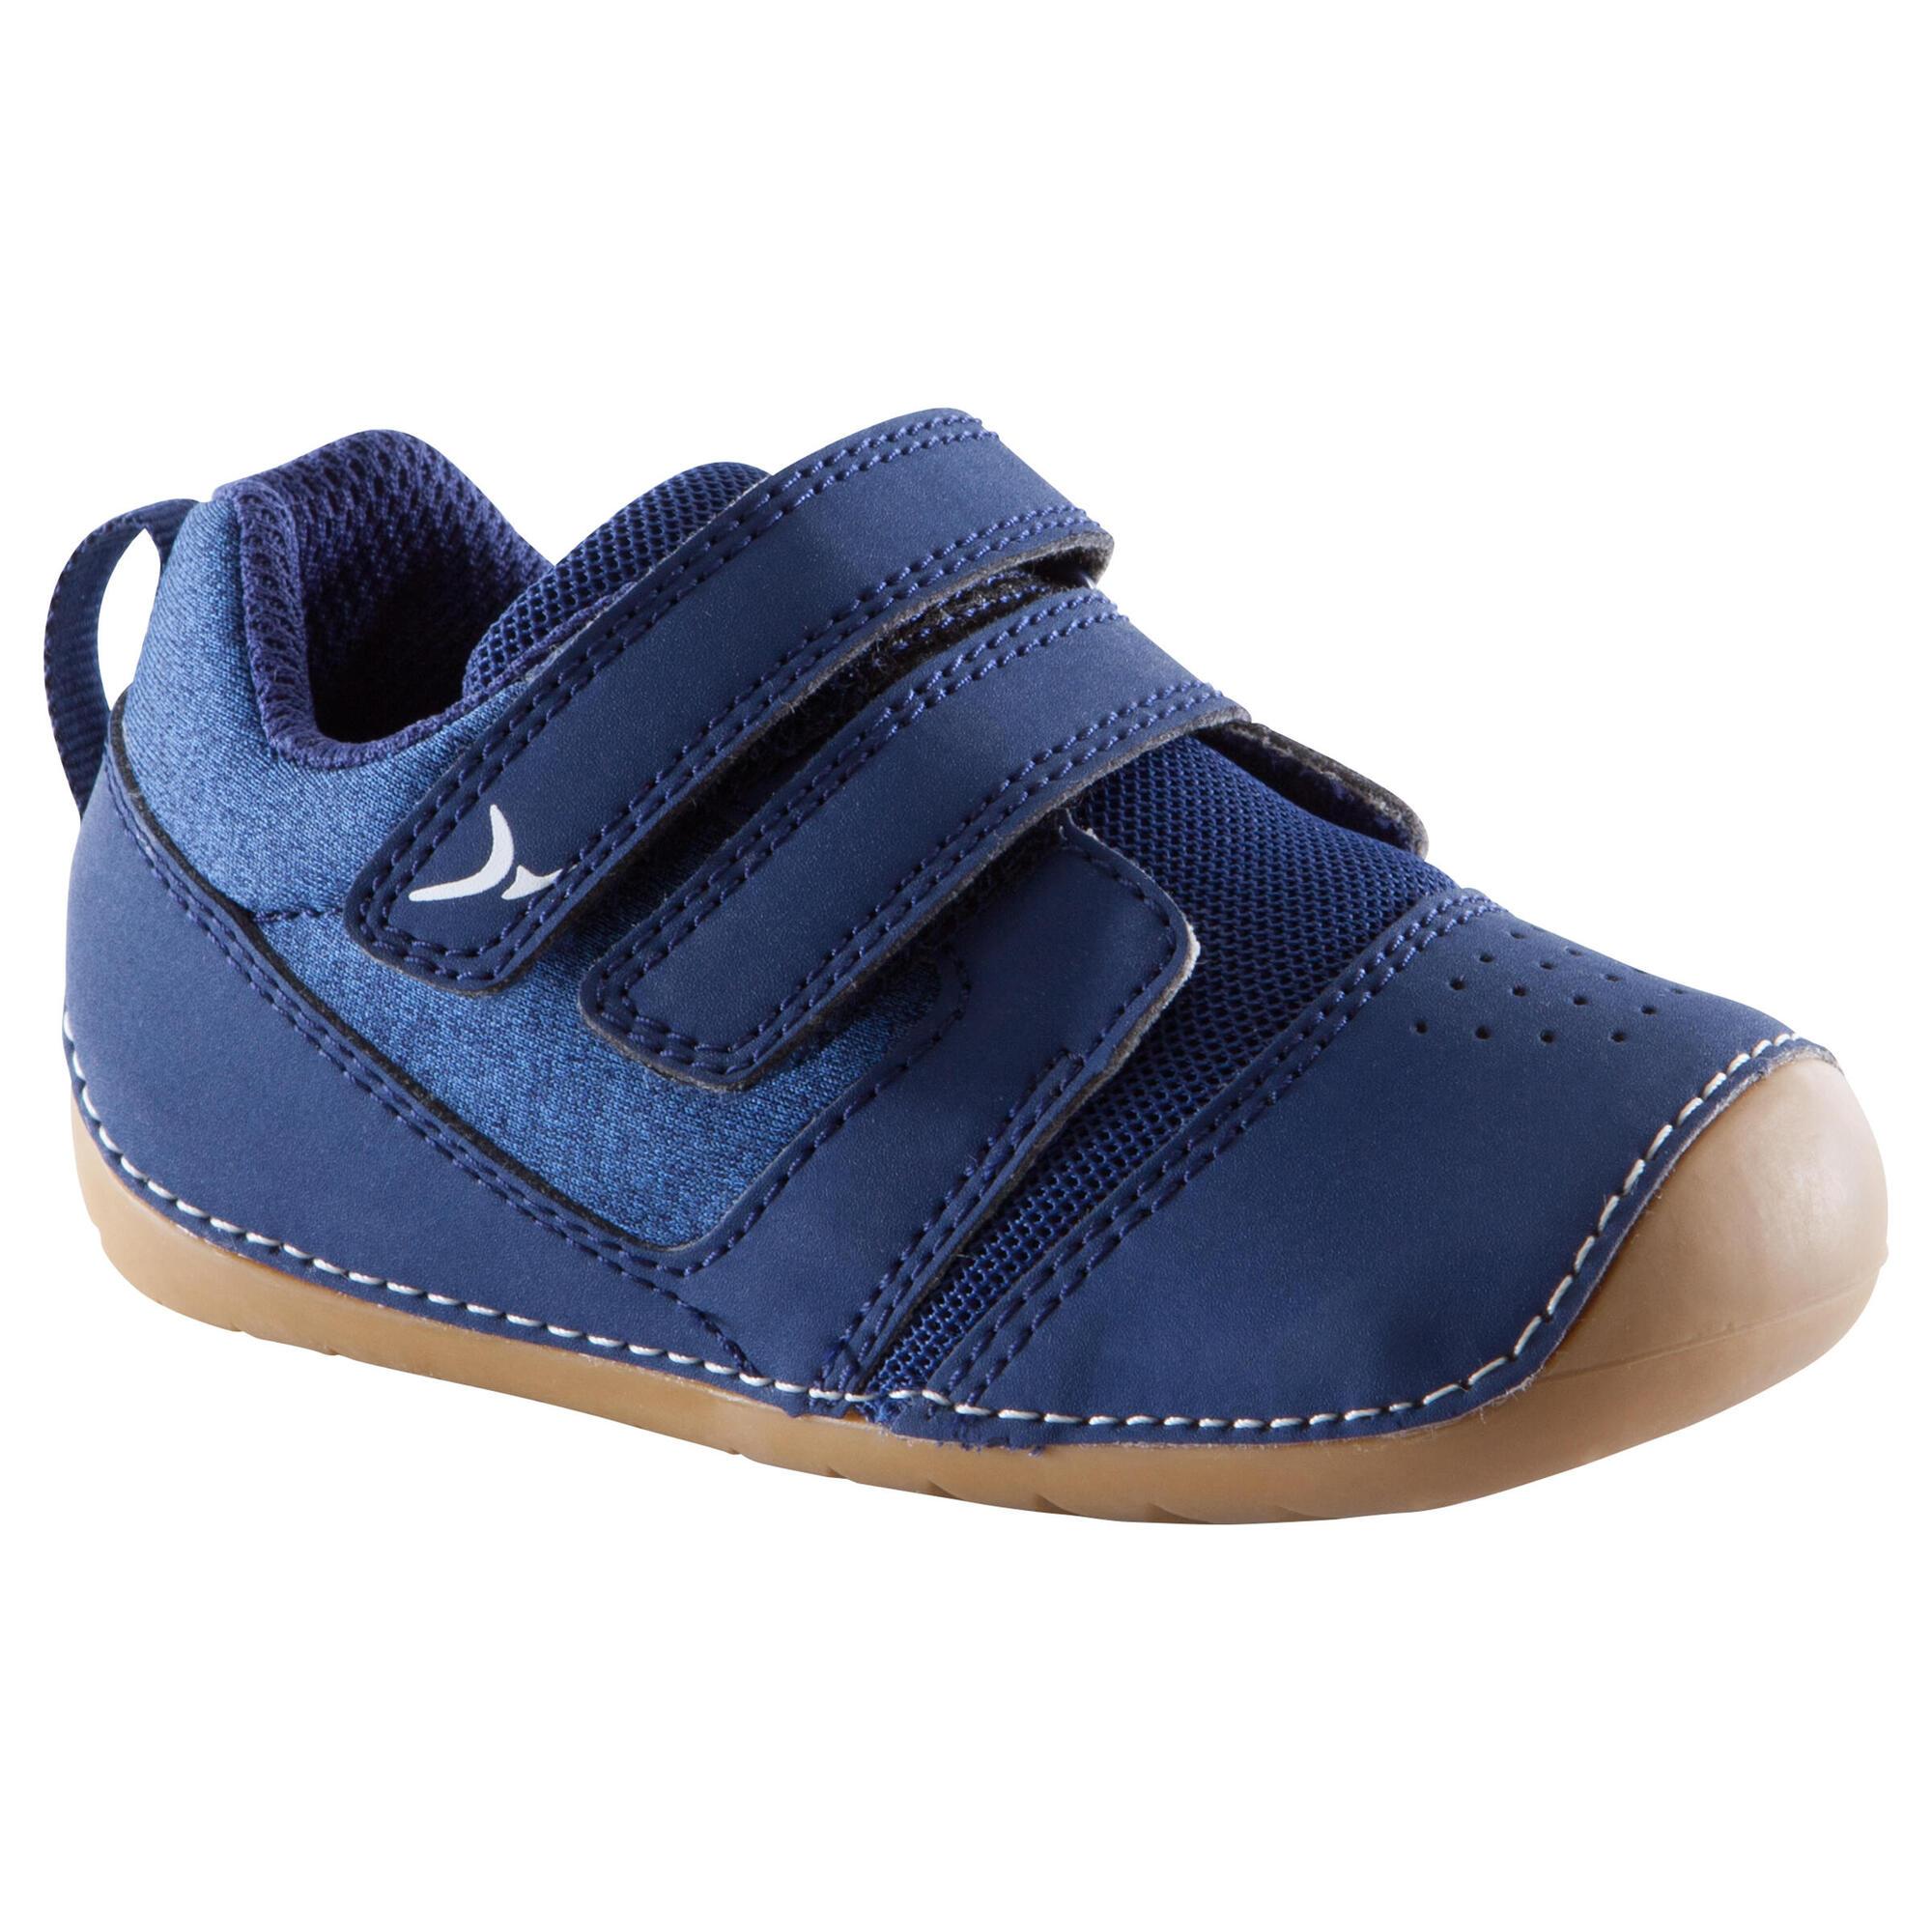 Chaussures 500 I LEARN GYM marine marron  1f1b523f954